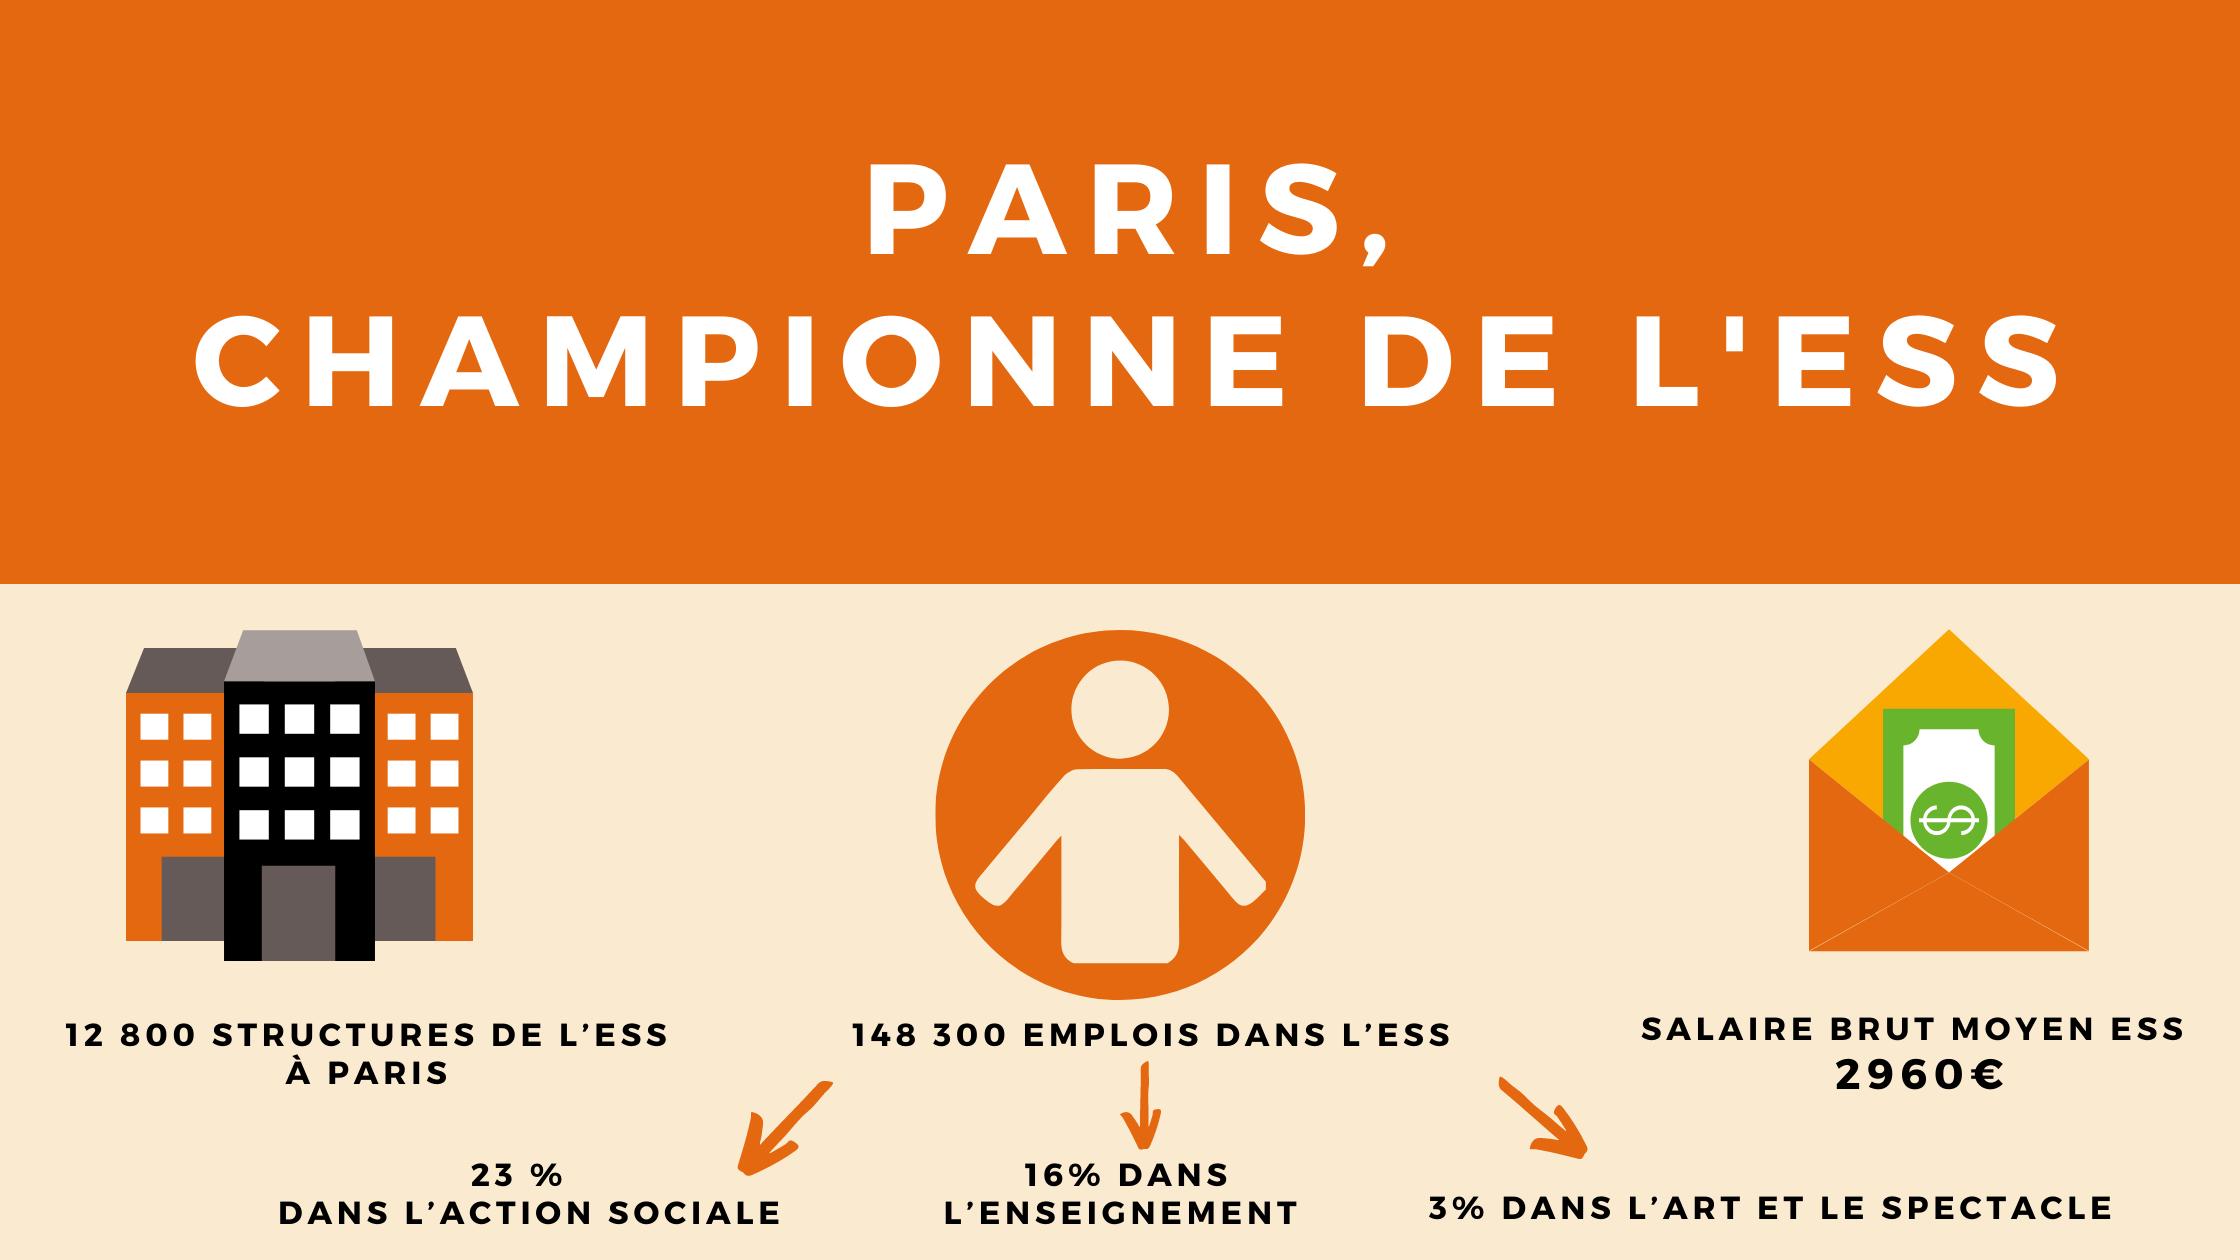 infographie Paris championne de l'ESS